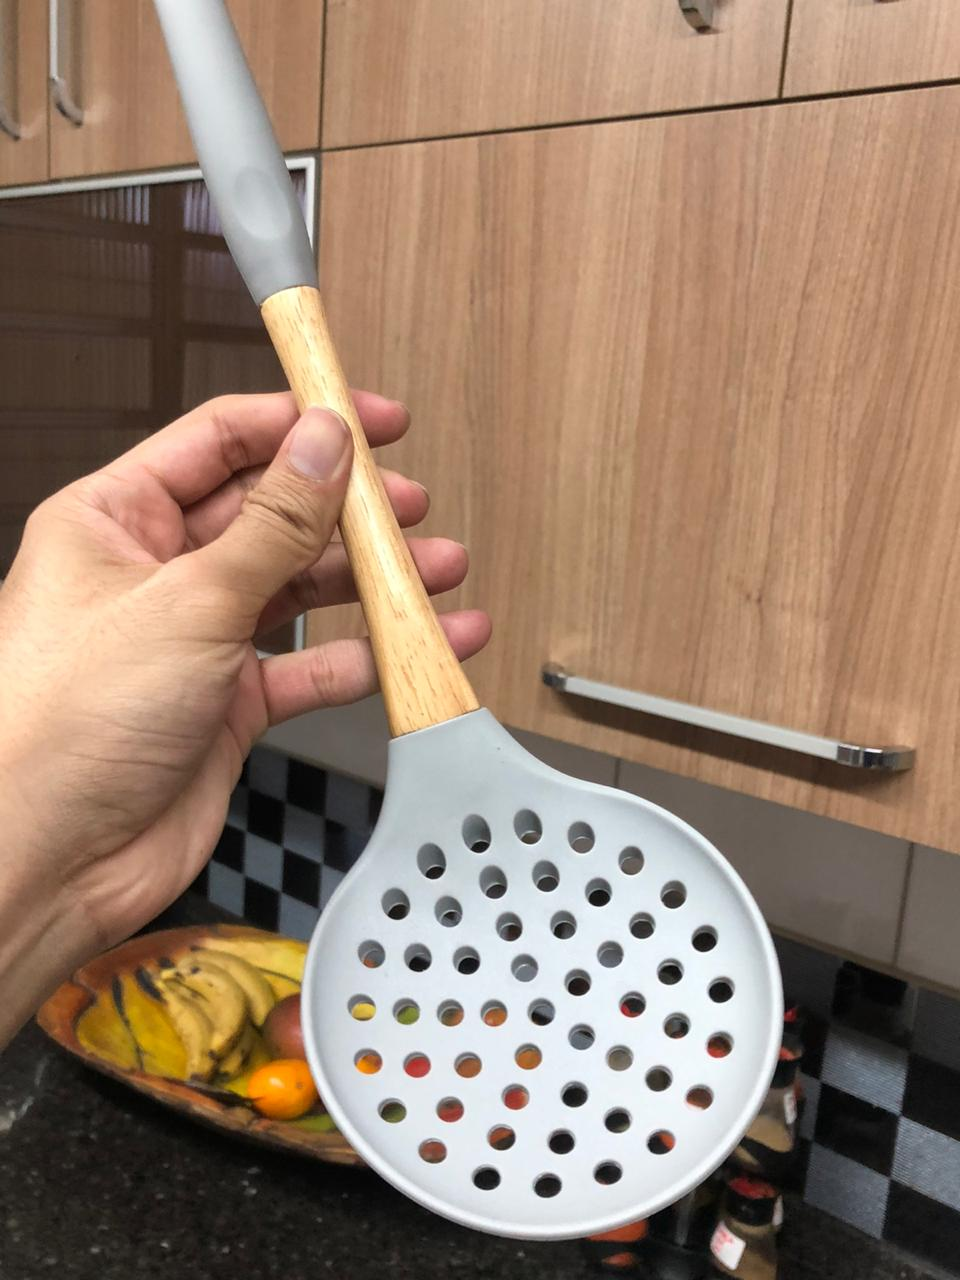 Escumadeira de silicone espumadeira para frituras pastel vazada madeira 33cm utensílios de cozinha